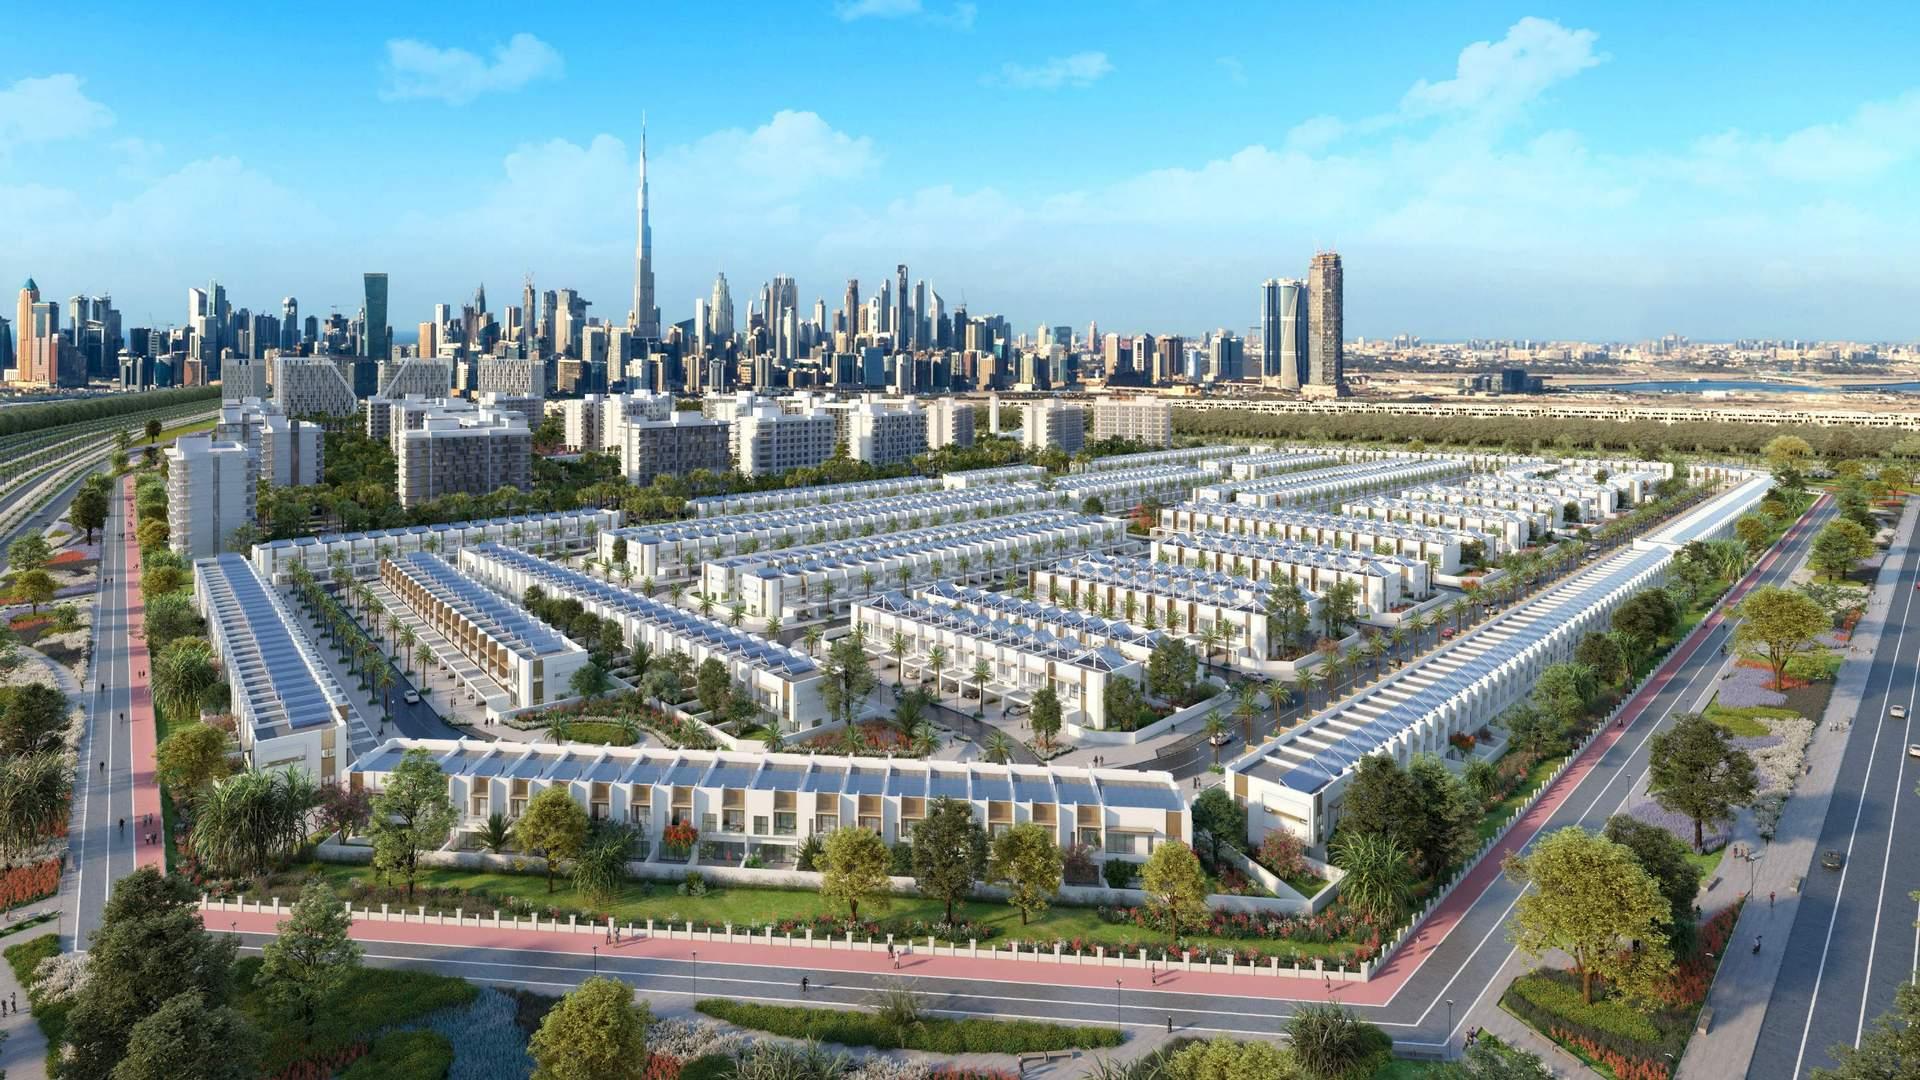 MAG CITY, Mohammed Bin Rashid City, Dubai, UAE – photo 1